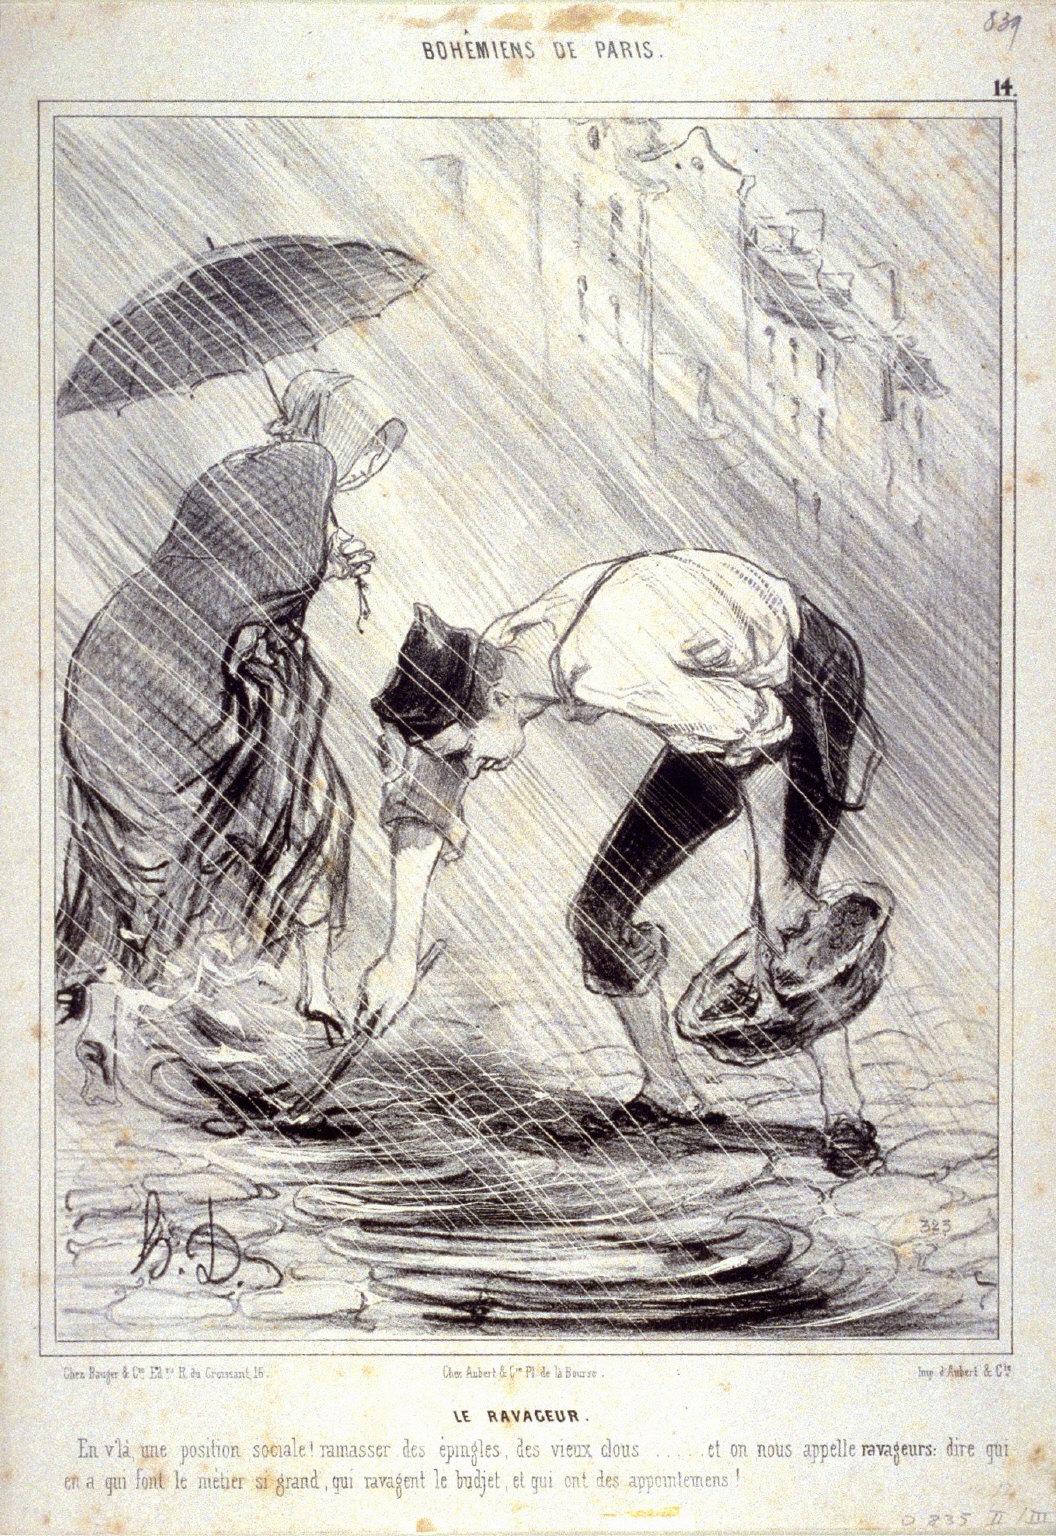 LE RAVAGEUR, no. 14 from the series BOH?MIENS DE PARIS